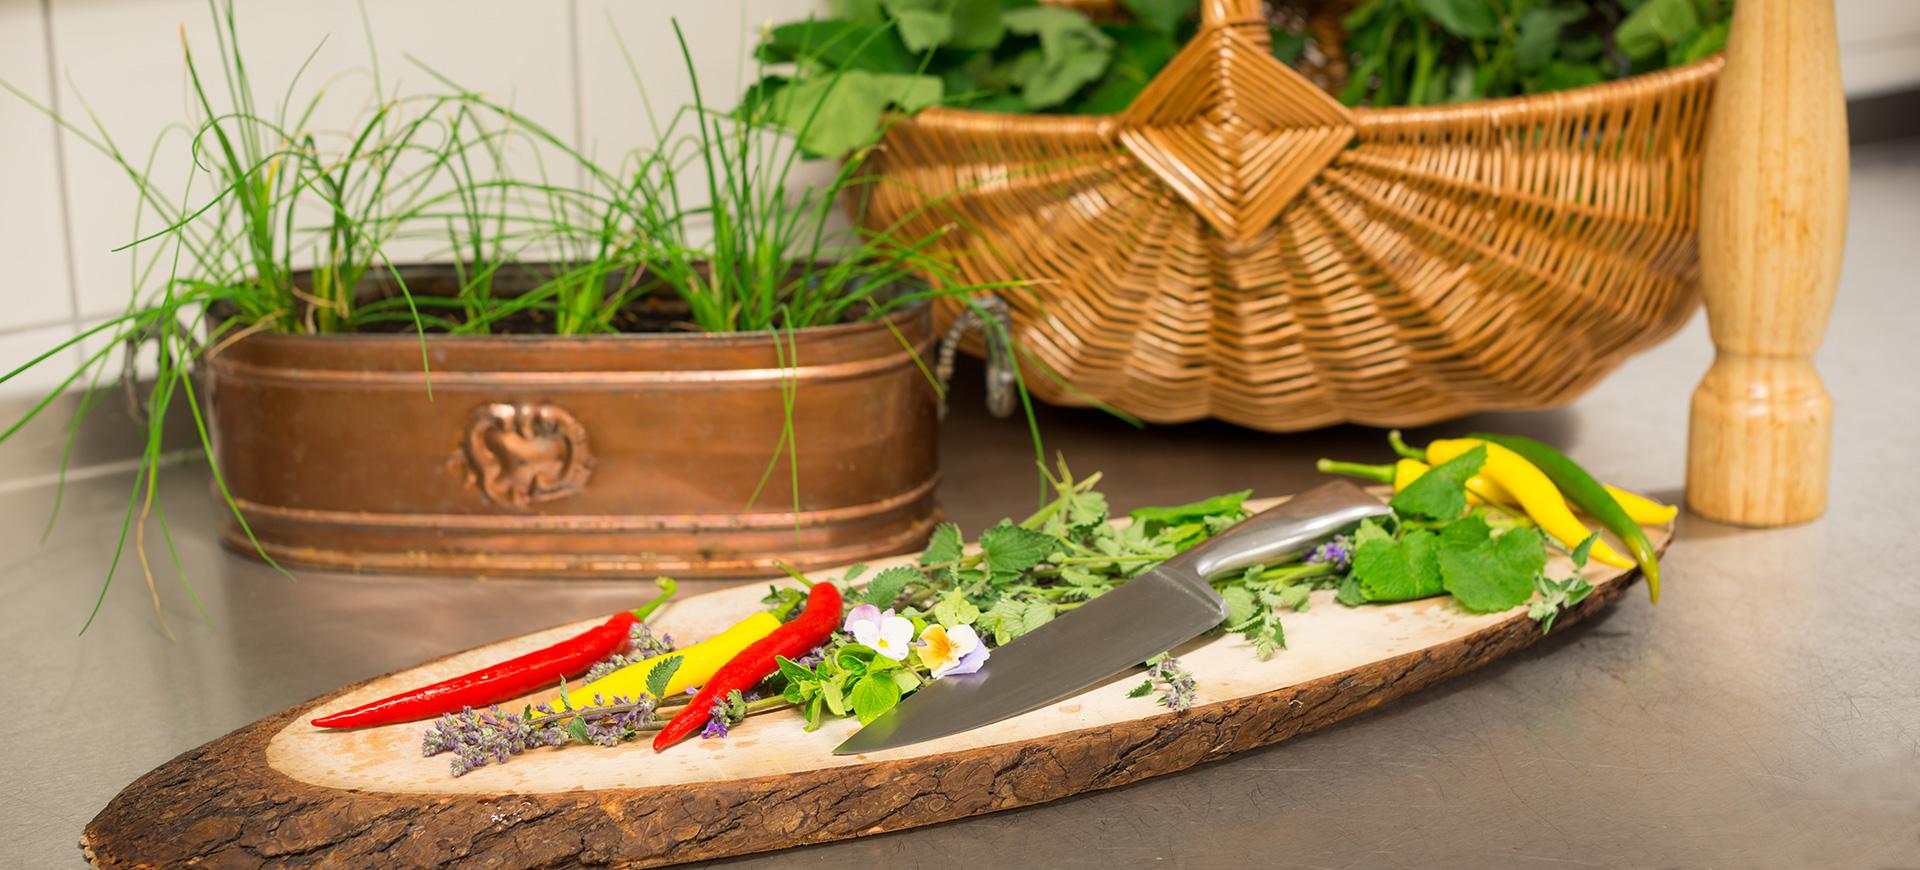 Kräuter aus dem Mattlihüs Garten